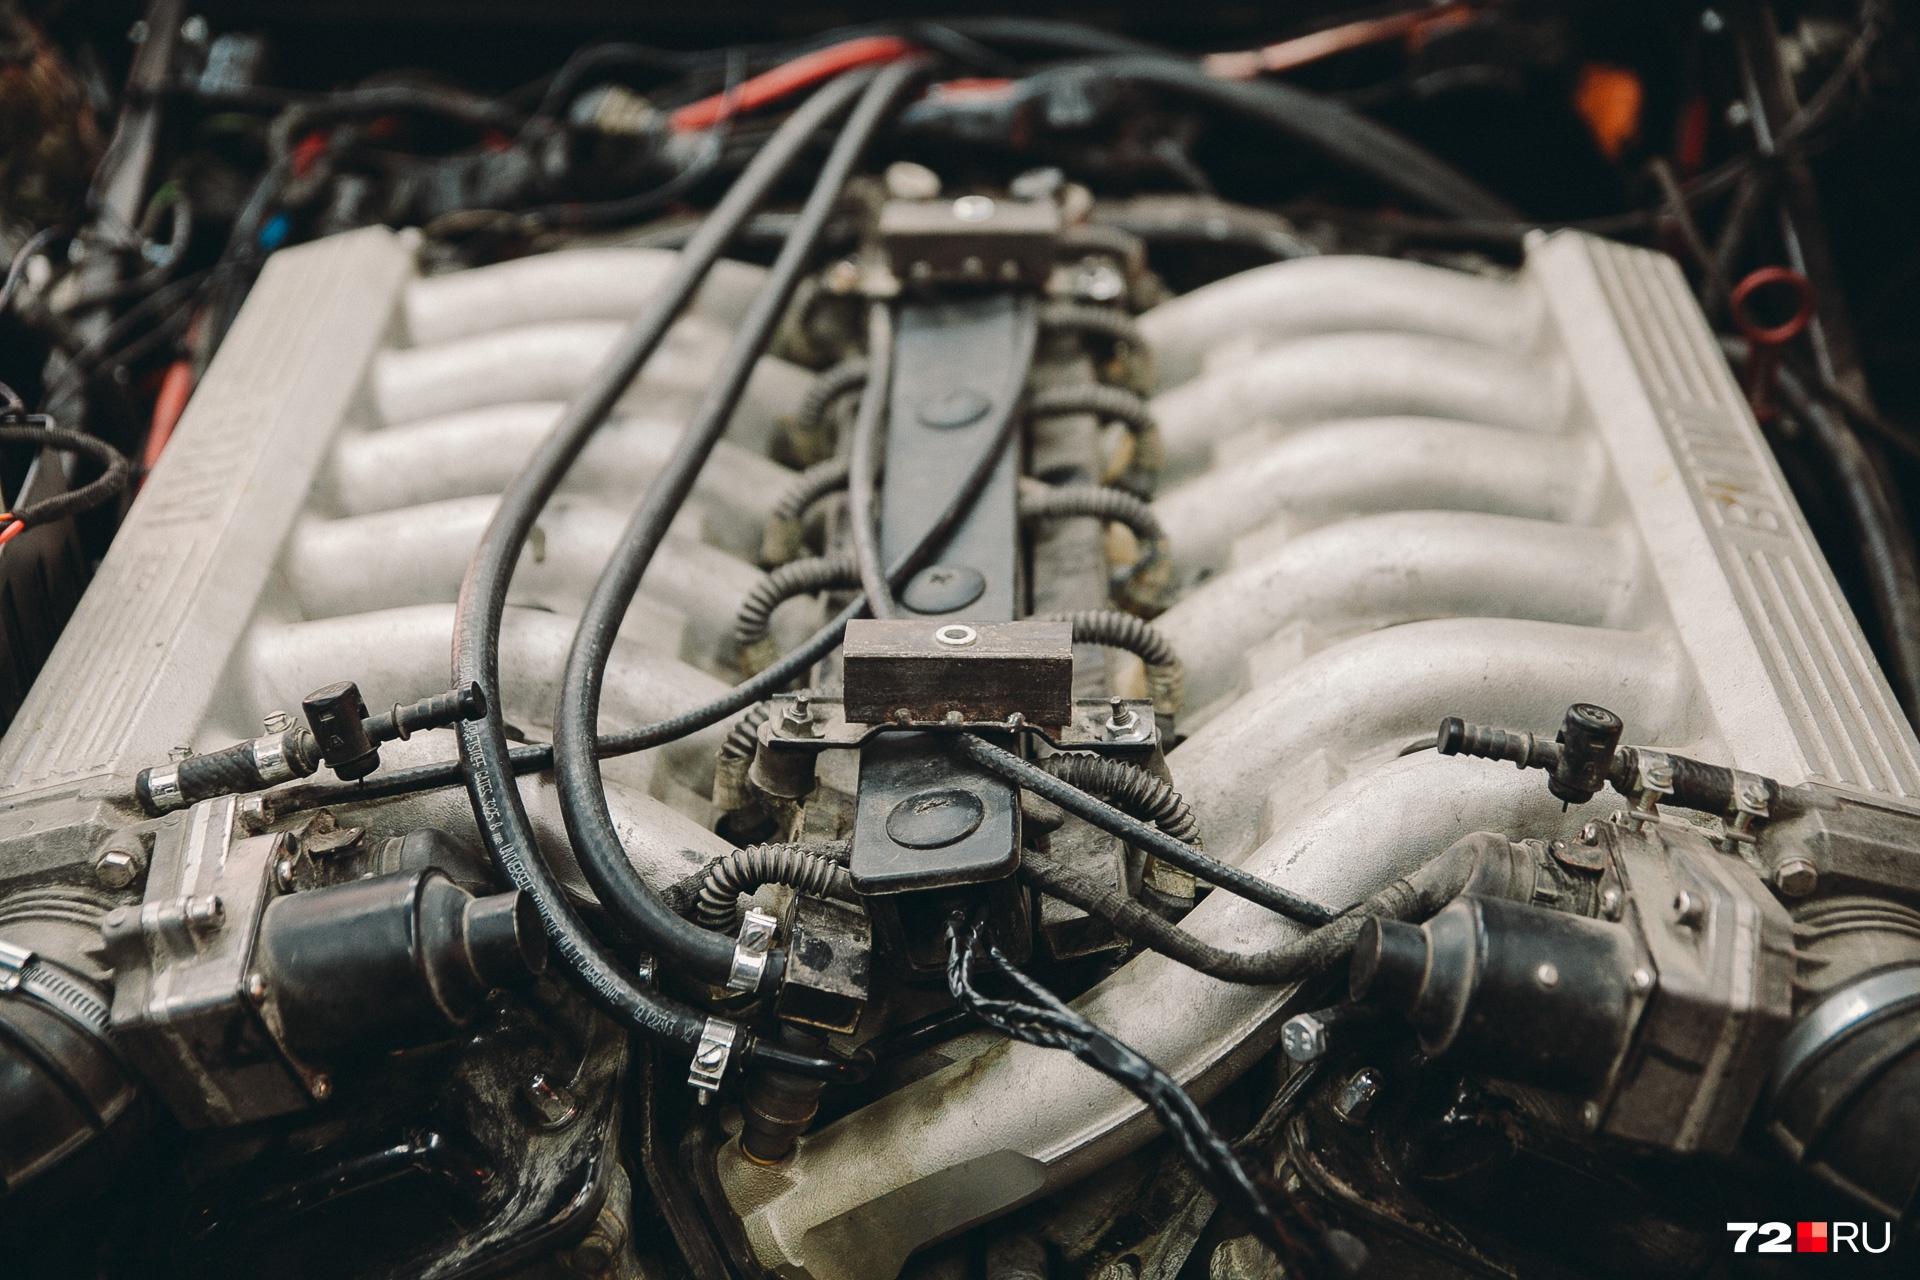 Двигатель при строительстве использовался V12 (пять литров), как и у оригинала. Тормозная система отChevrolet Corvette